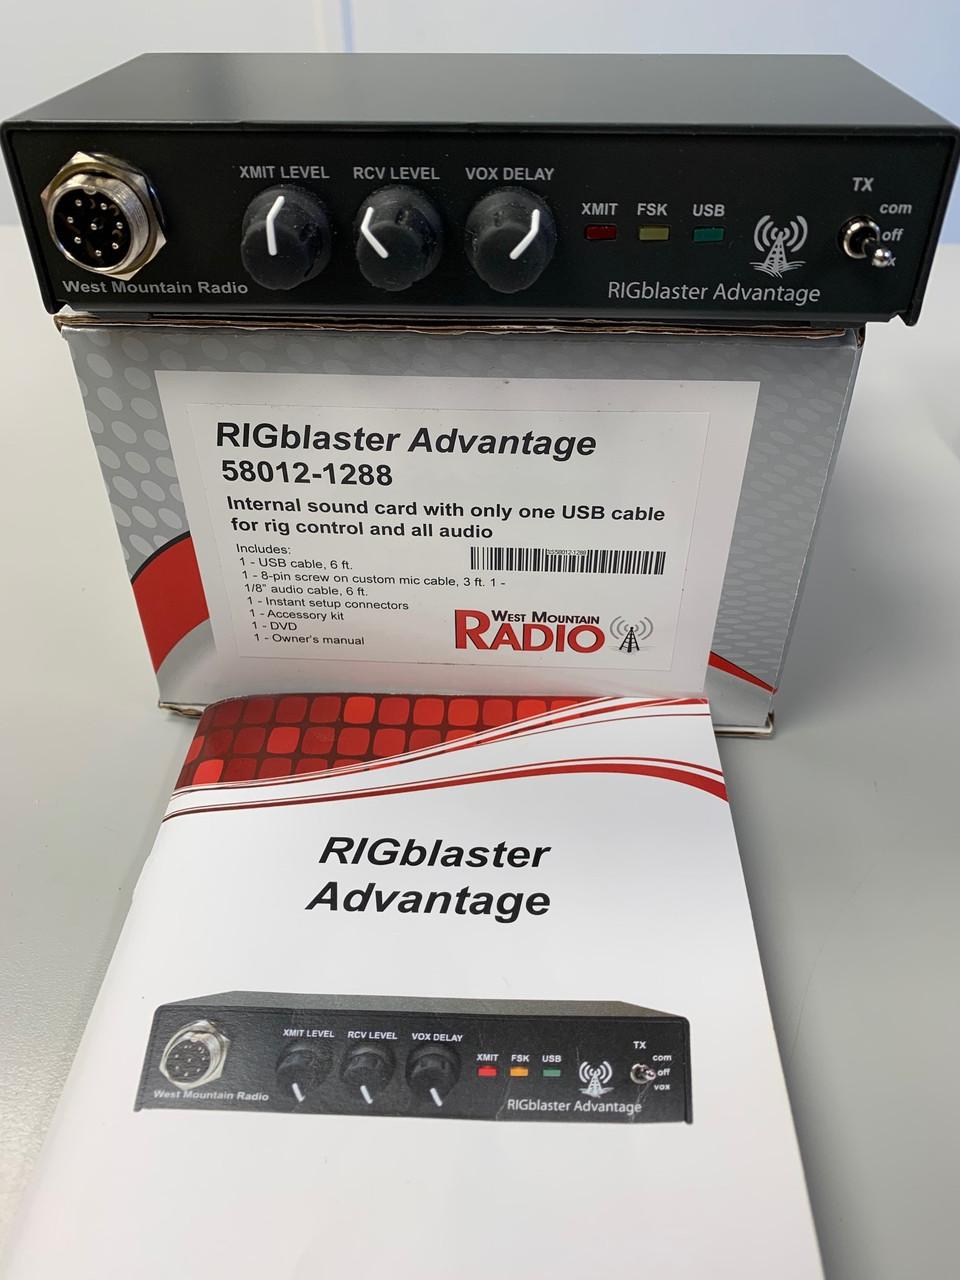 USED West Mountain Radio RIGblaster Advantage